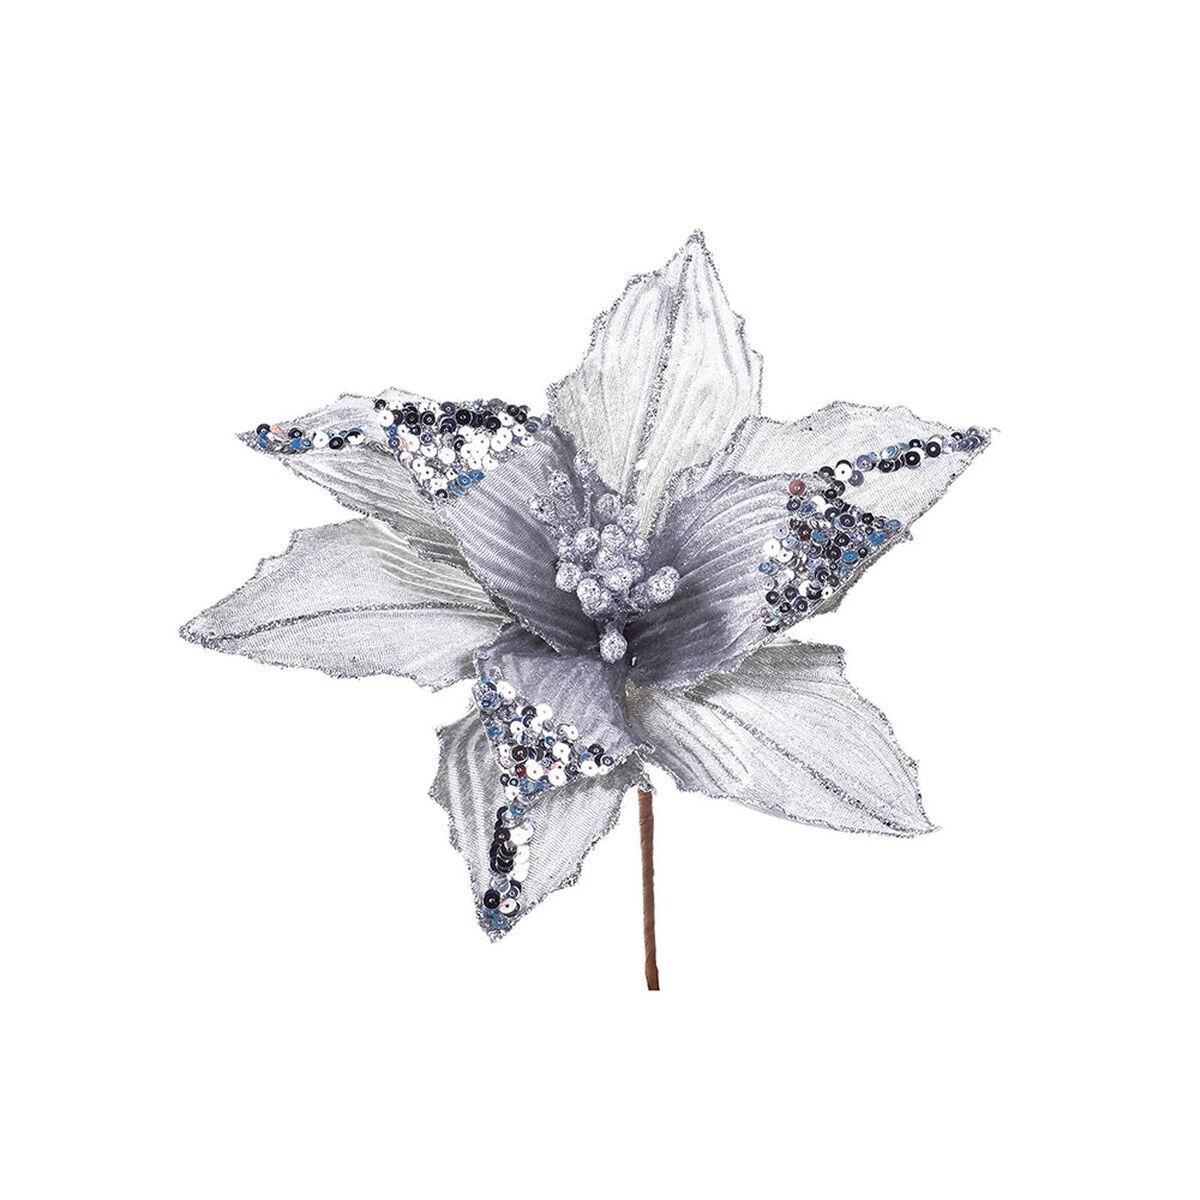 Flor Decorativa Plata Santini 26 cm